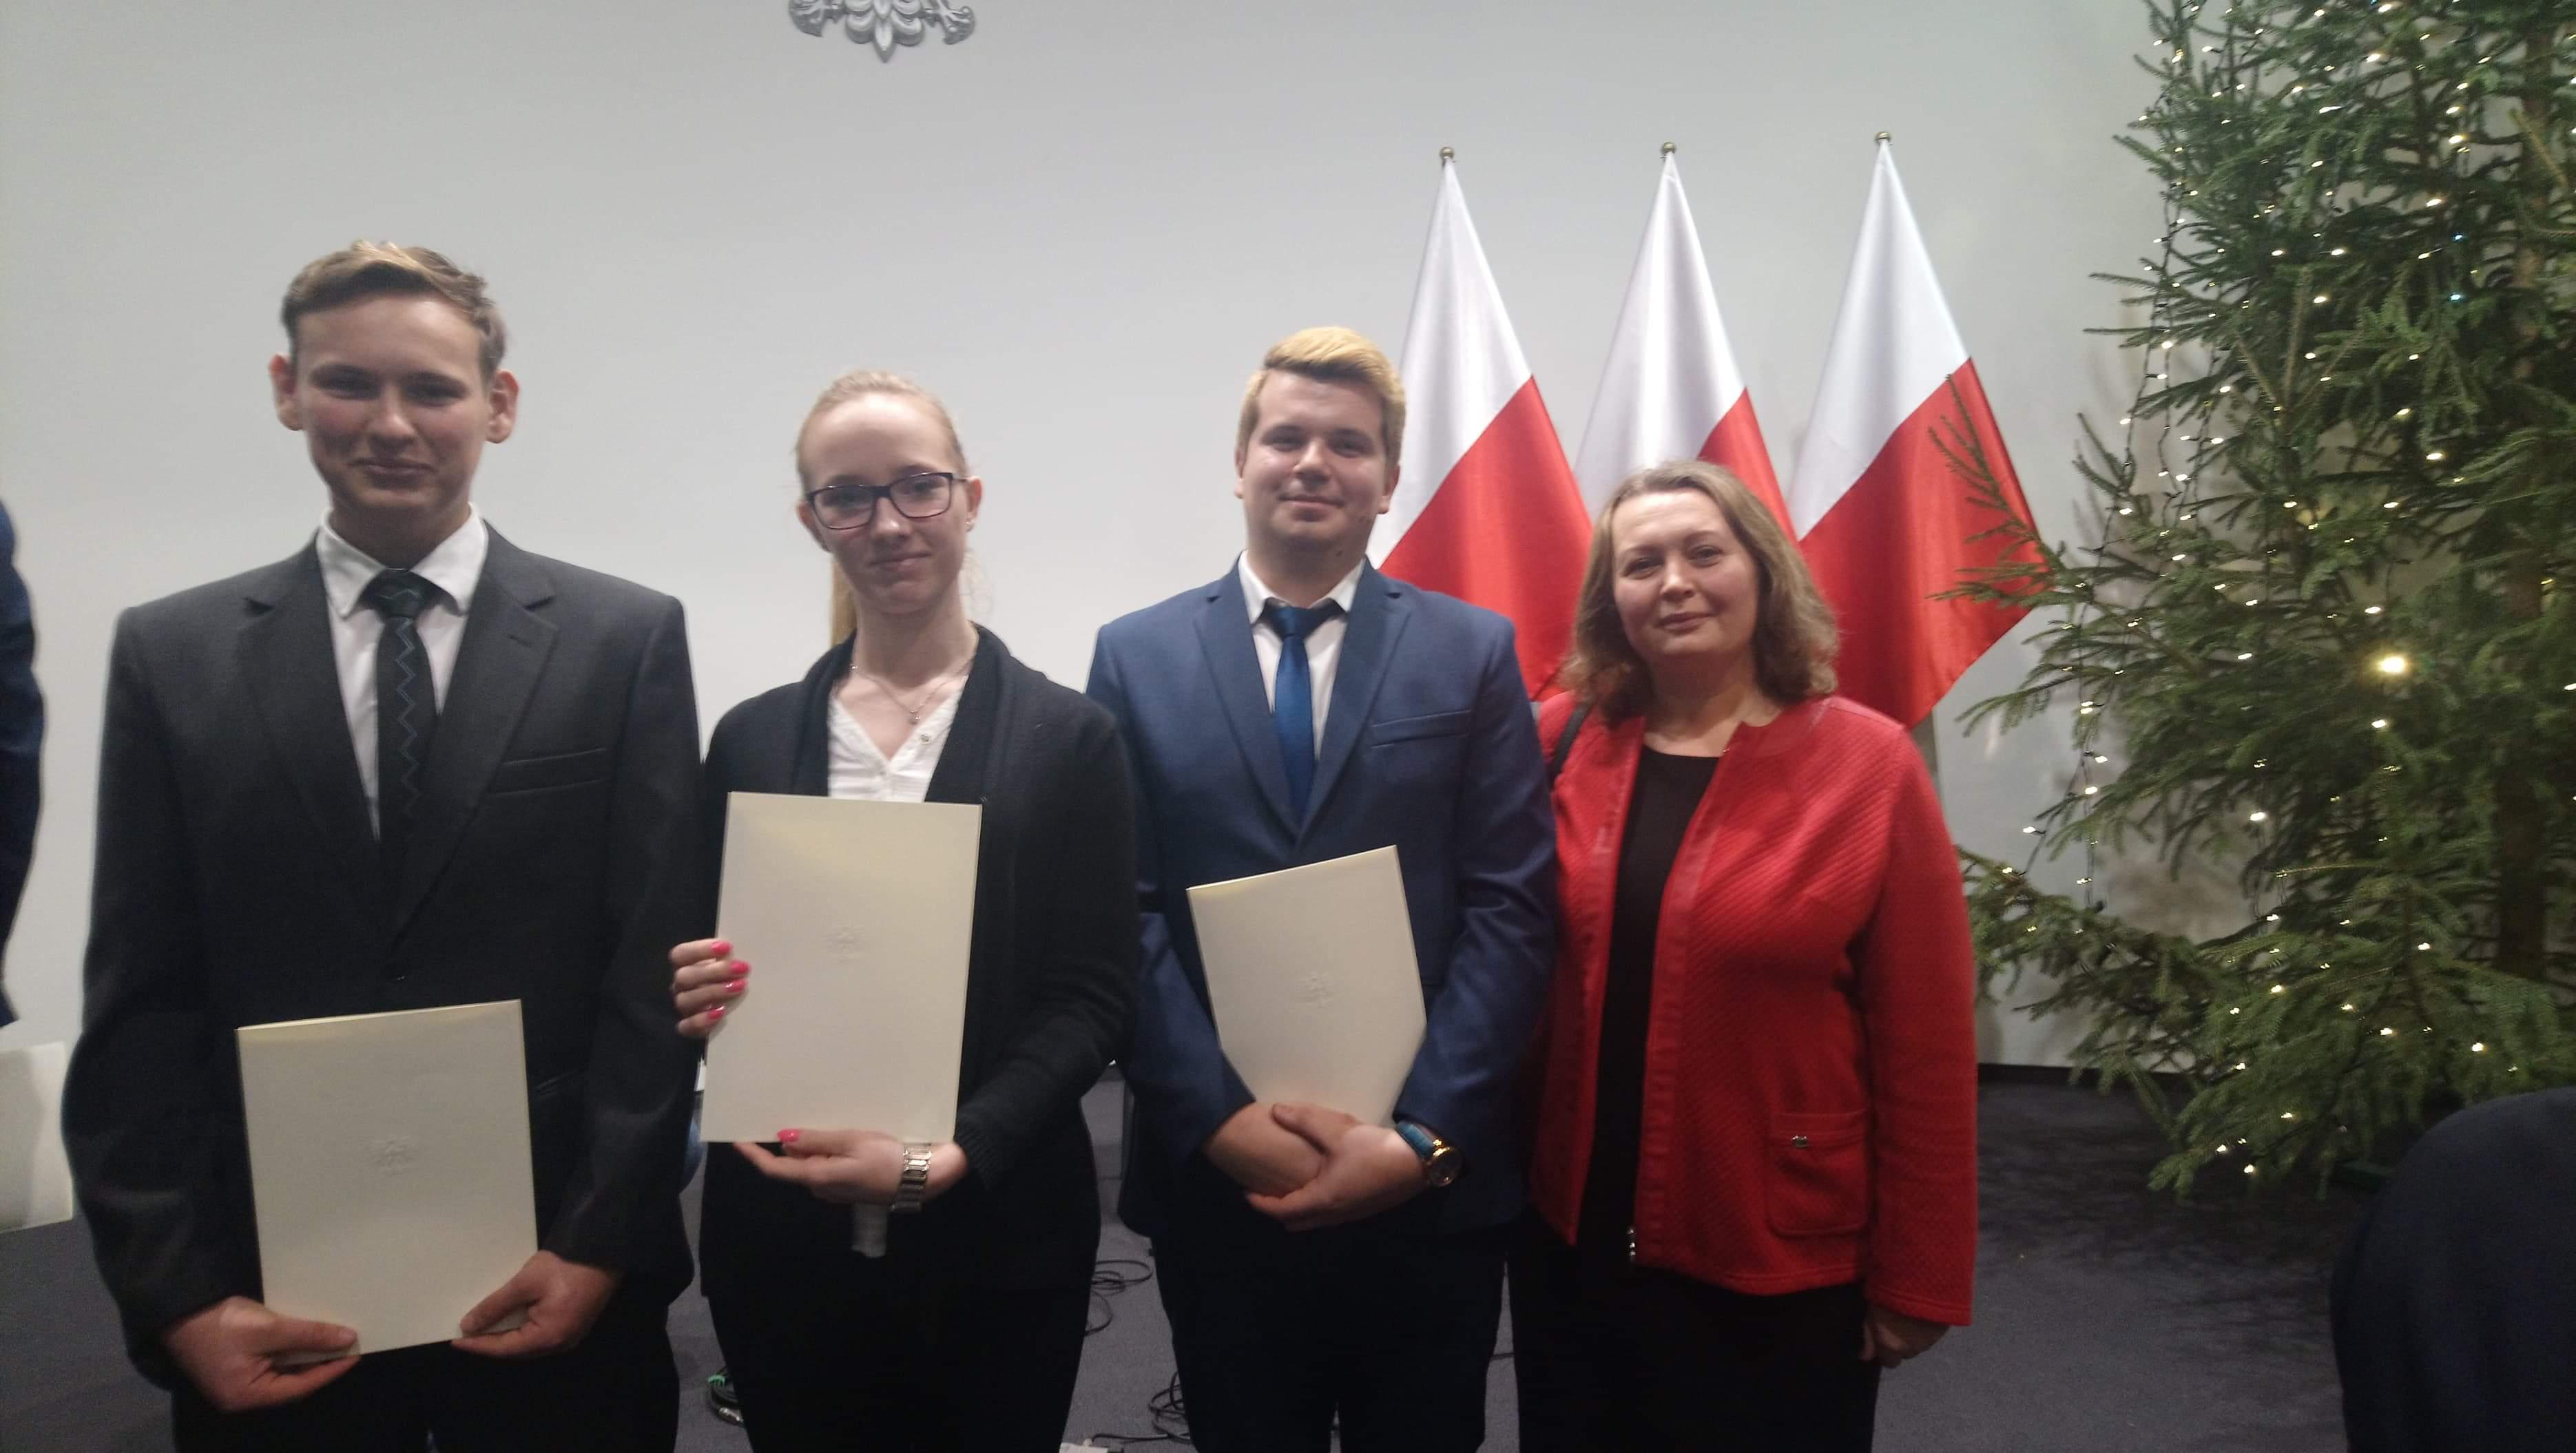 Uczniowie ZSP im. Jana Pawła II w Kościelcu podczas wręczenia Stypendium Rady Ministrów